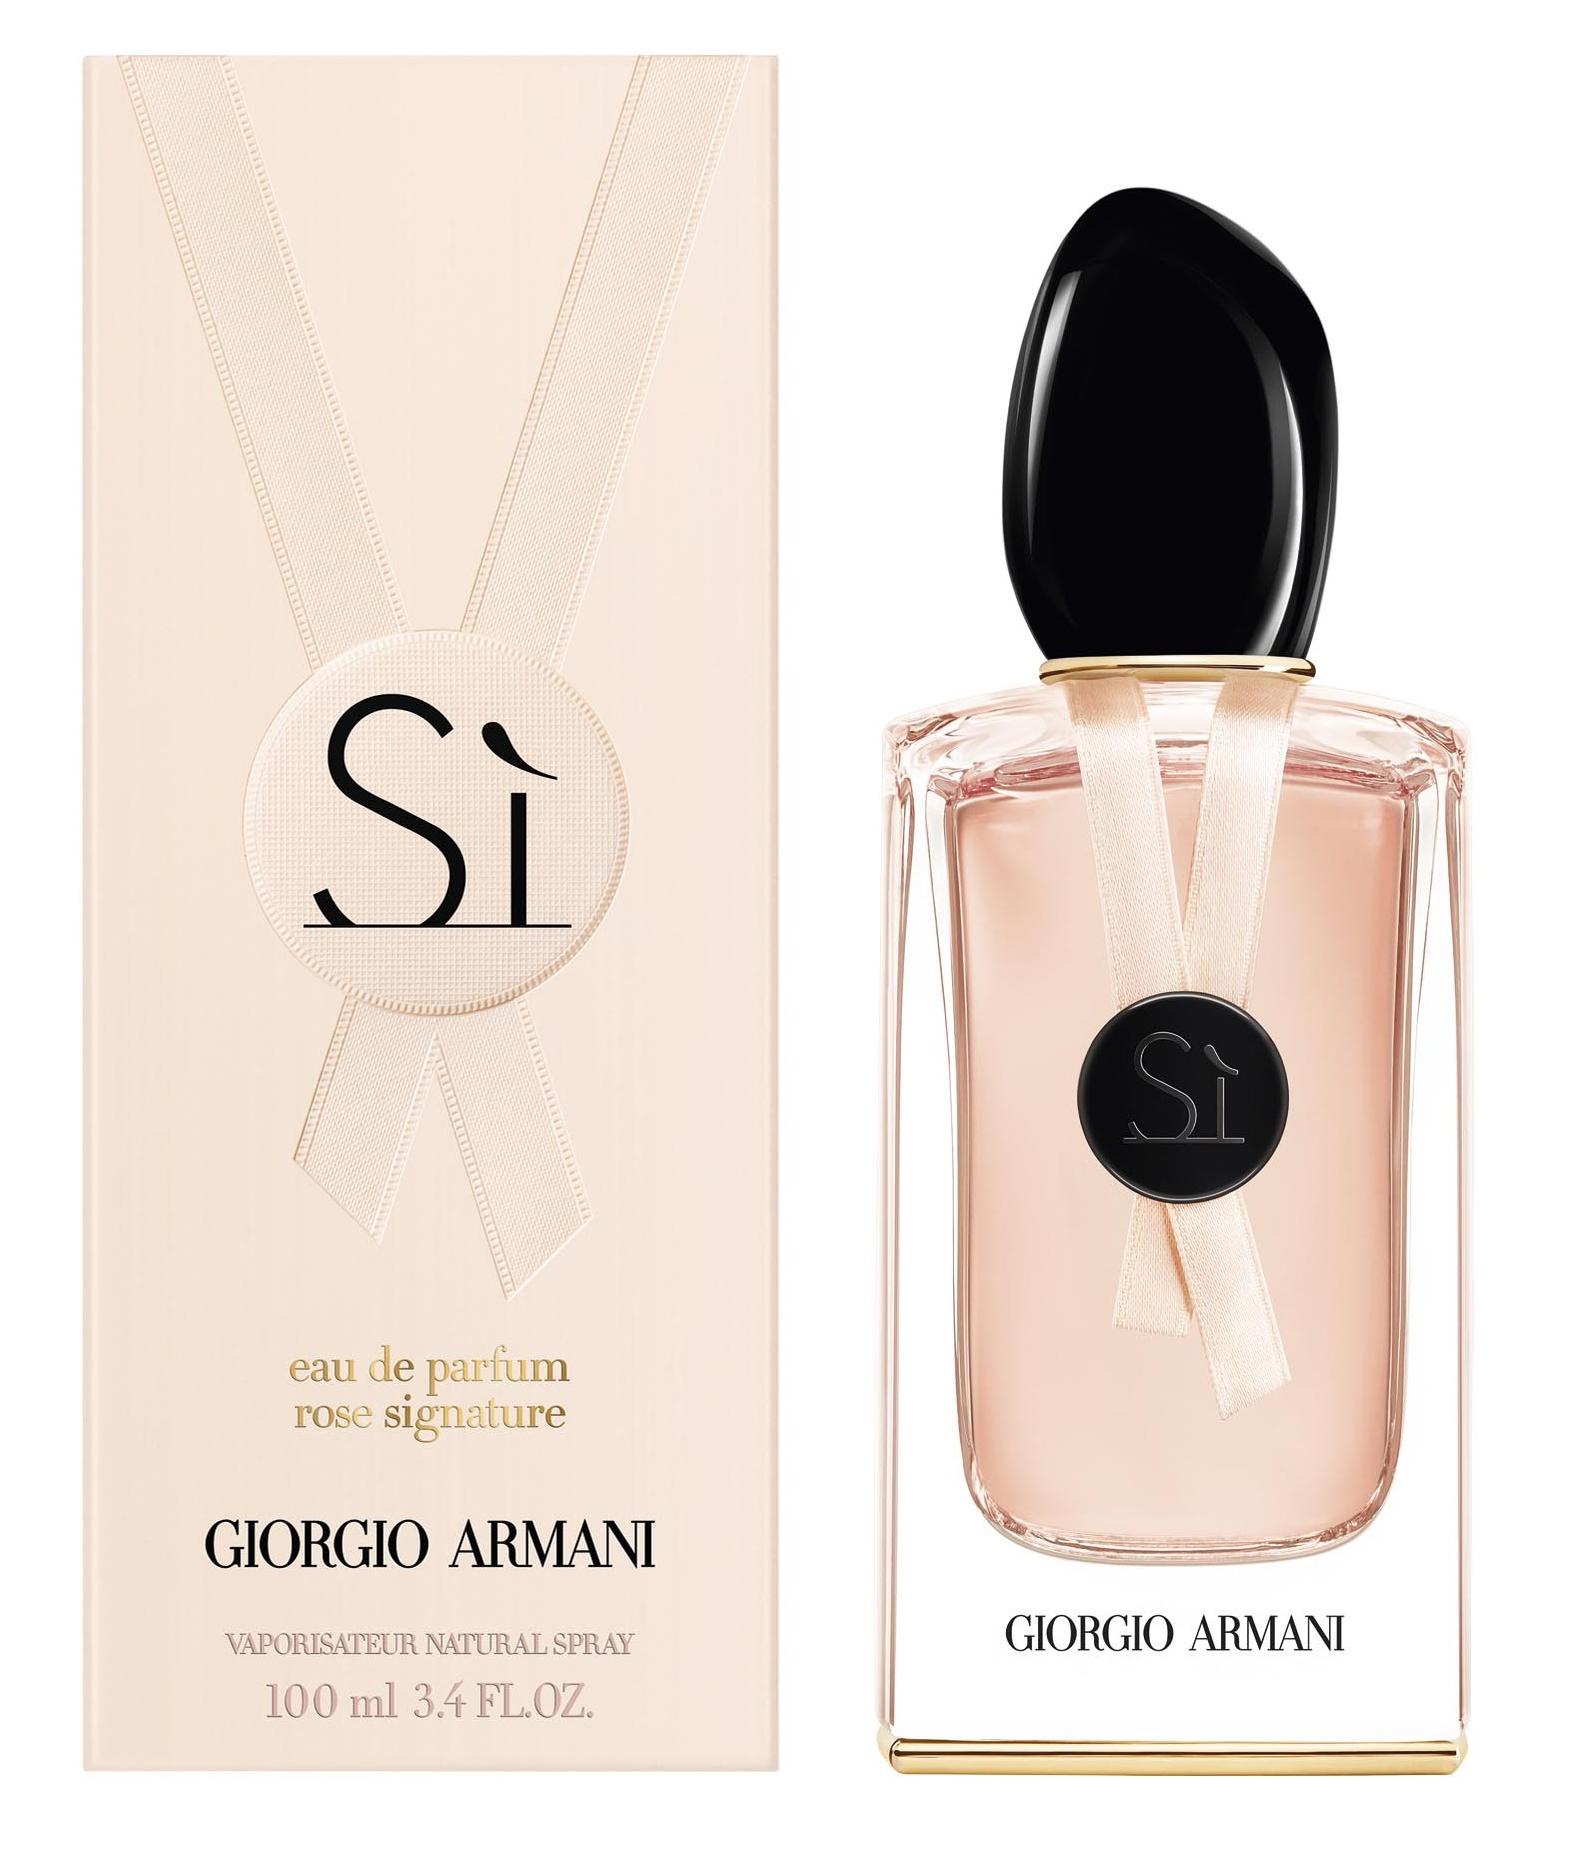 si rose signature ii eau de parfum giorgio armani perfume